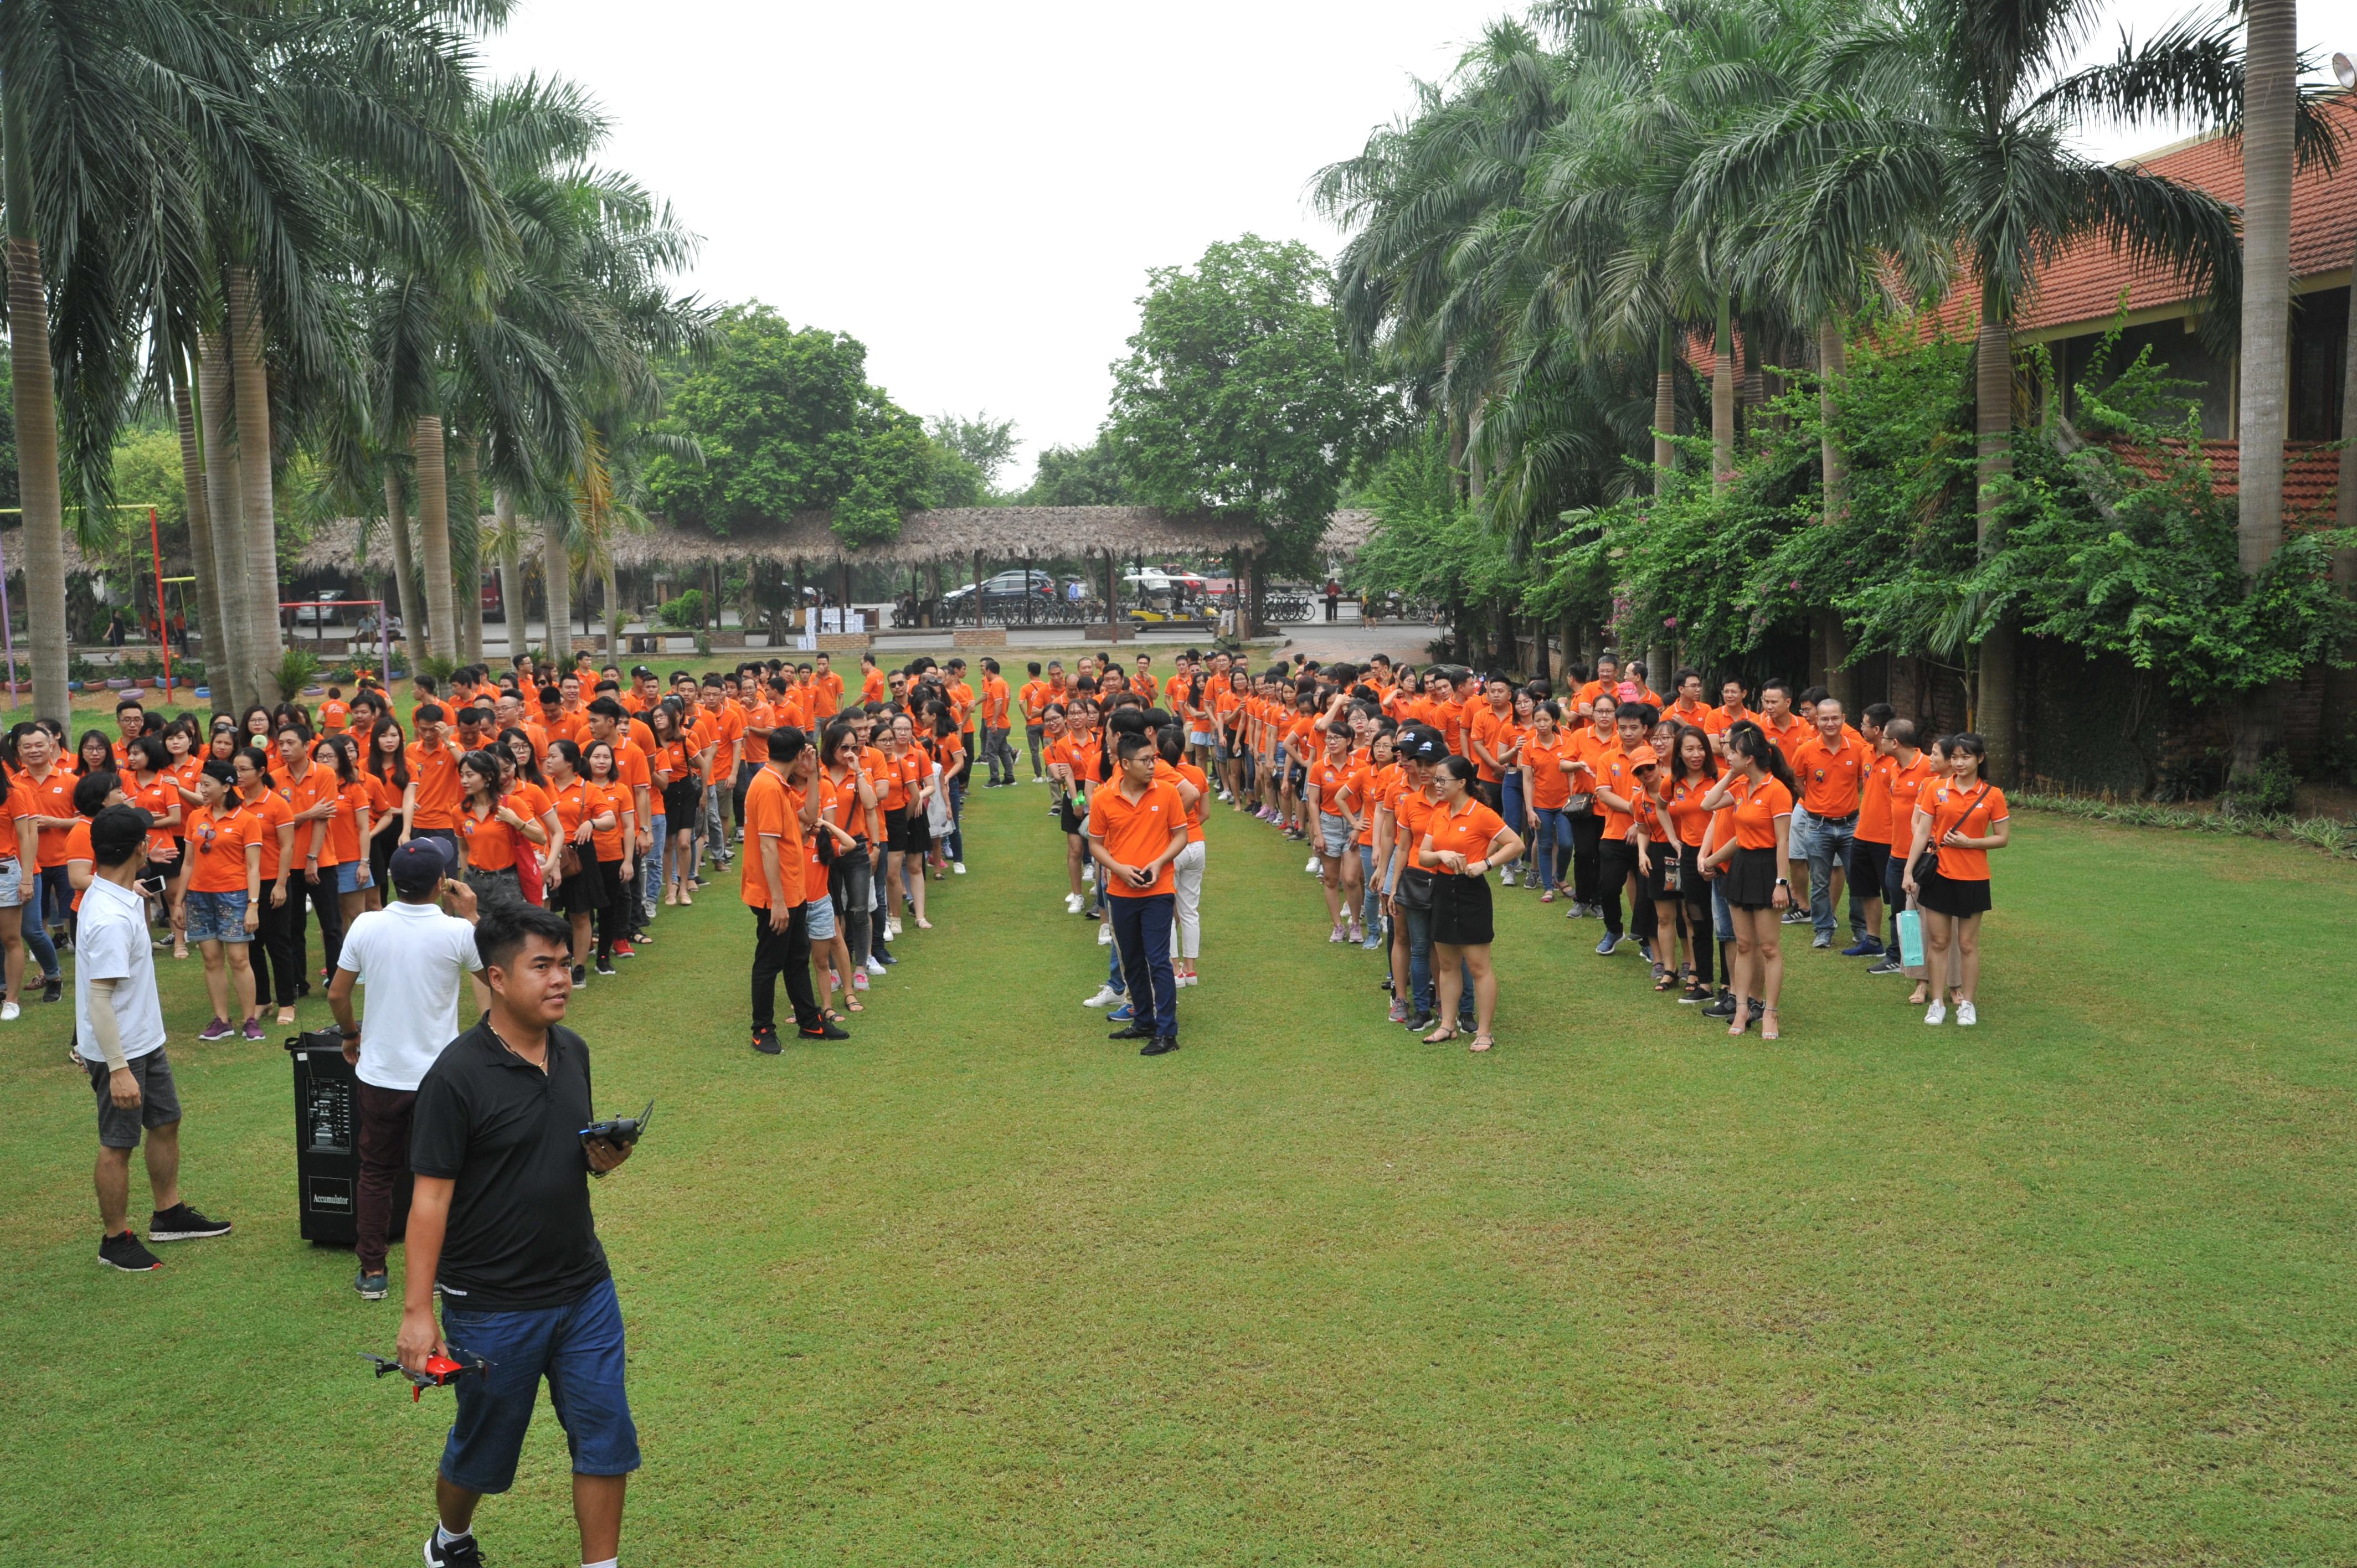 Sau 1 tiếng di chuyển, đoàn quân áo cam có mặt tại khu nghỉ dưỡng Asean để chuẩn bị tinh thần cho những hoạt động tập thể. Màu áo cam nổi bật trên sân cỏ rộng nhất khu nghỉ dưỡng khiến du khách tham quan cũng phải chú ý.